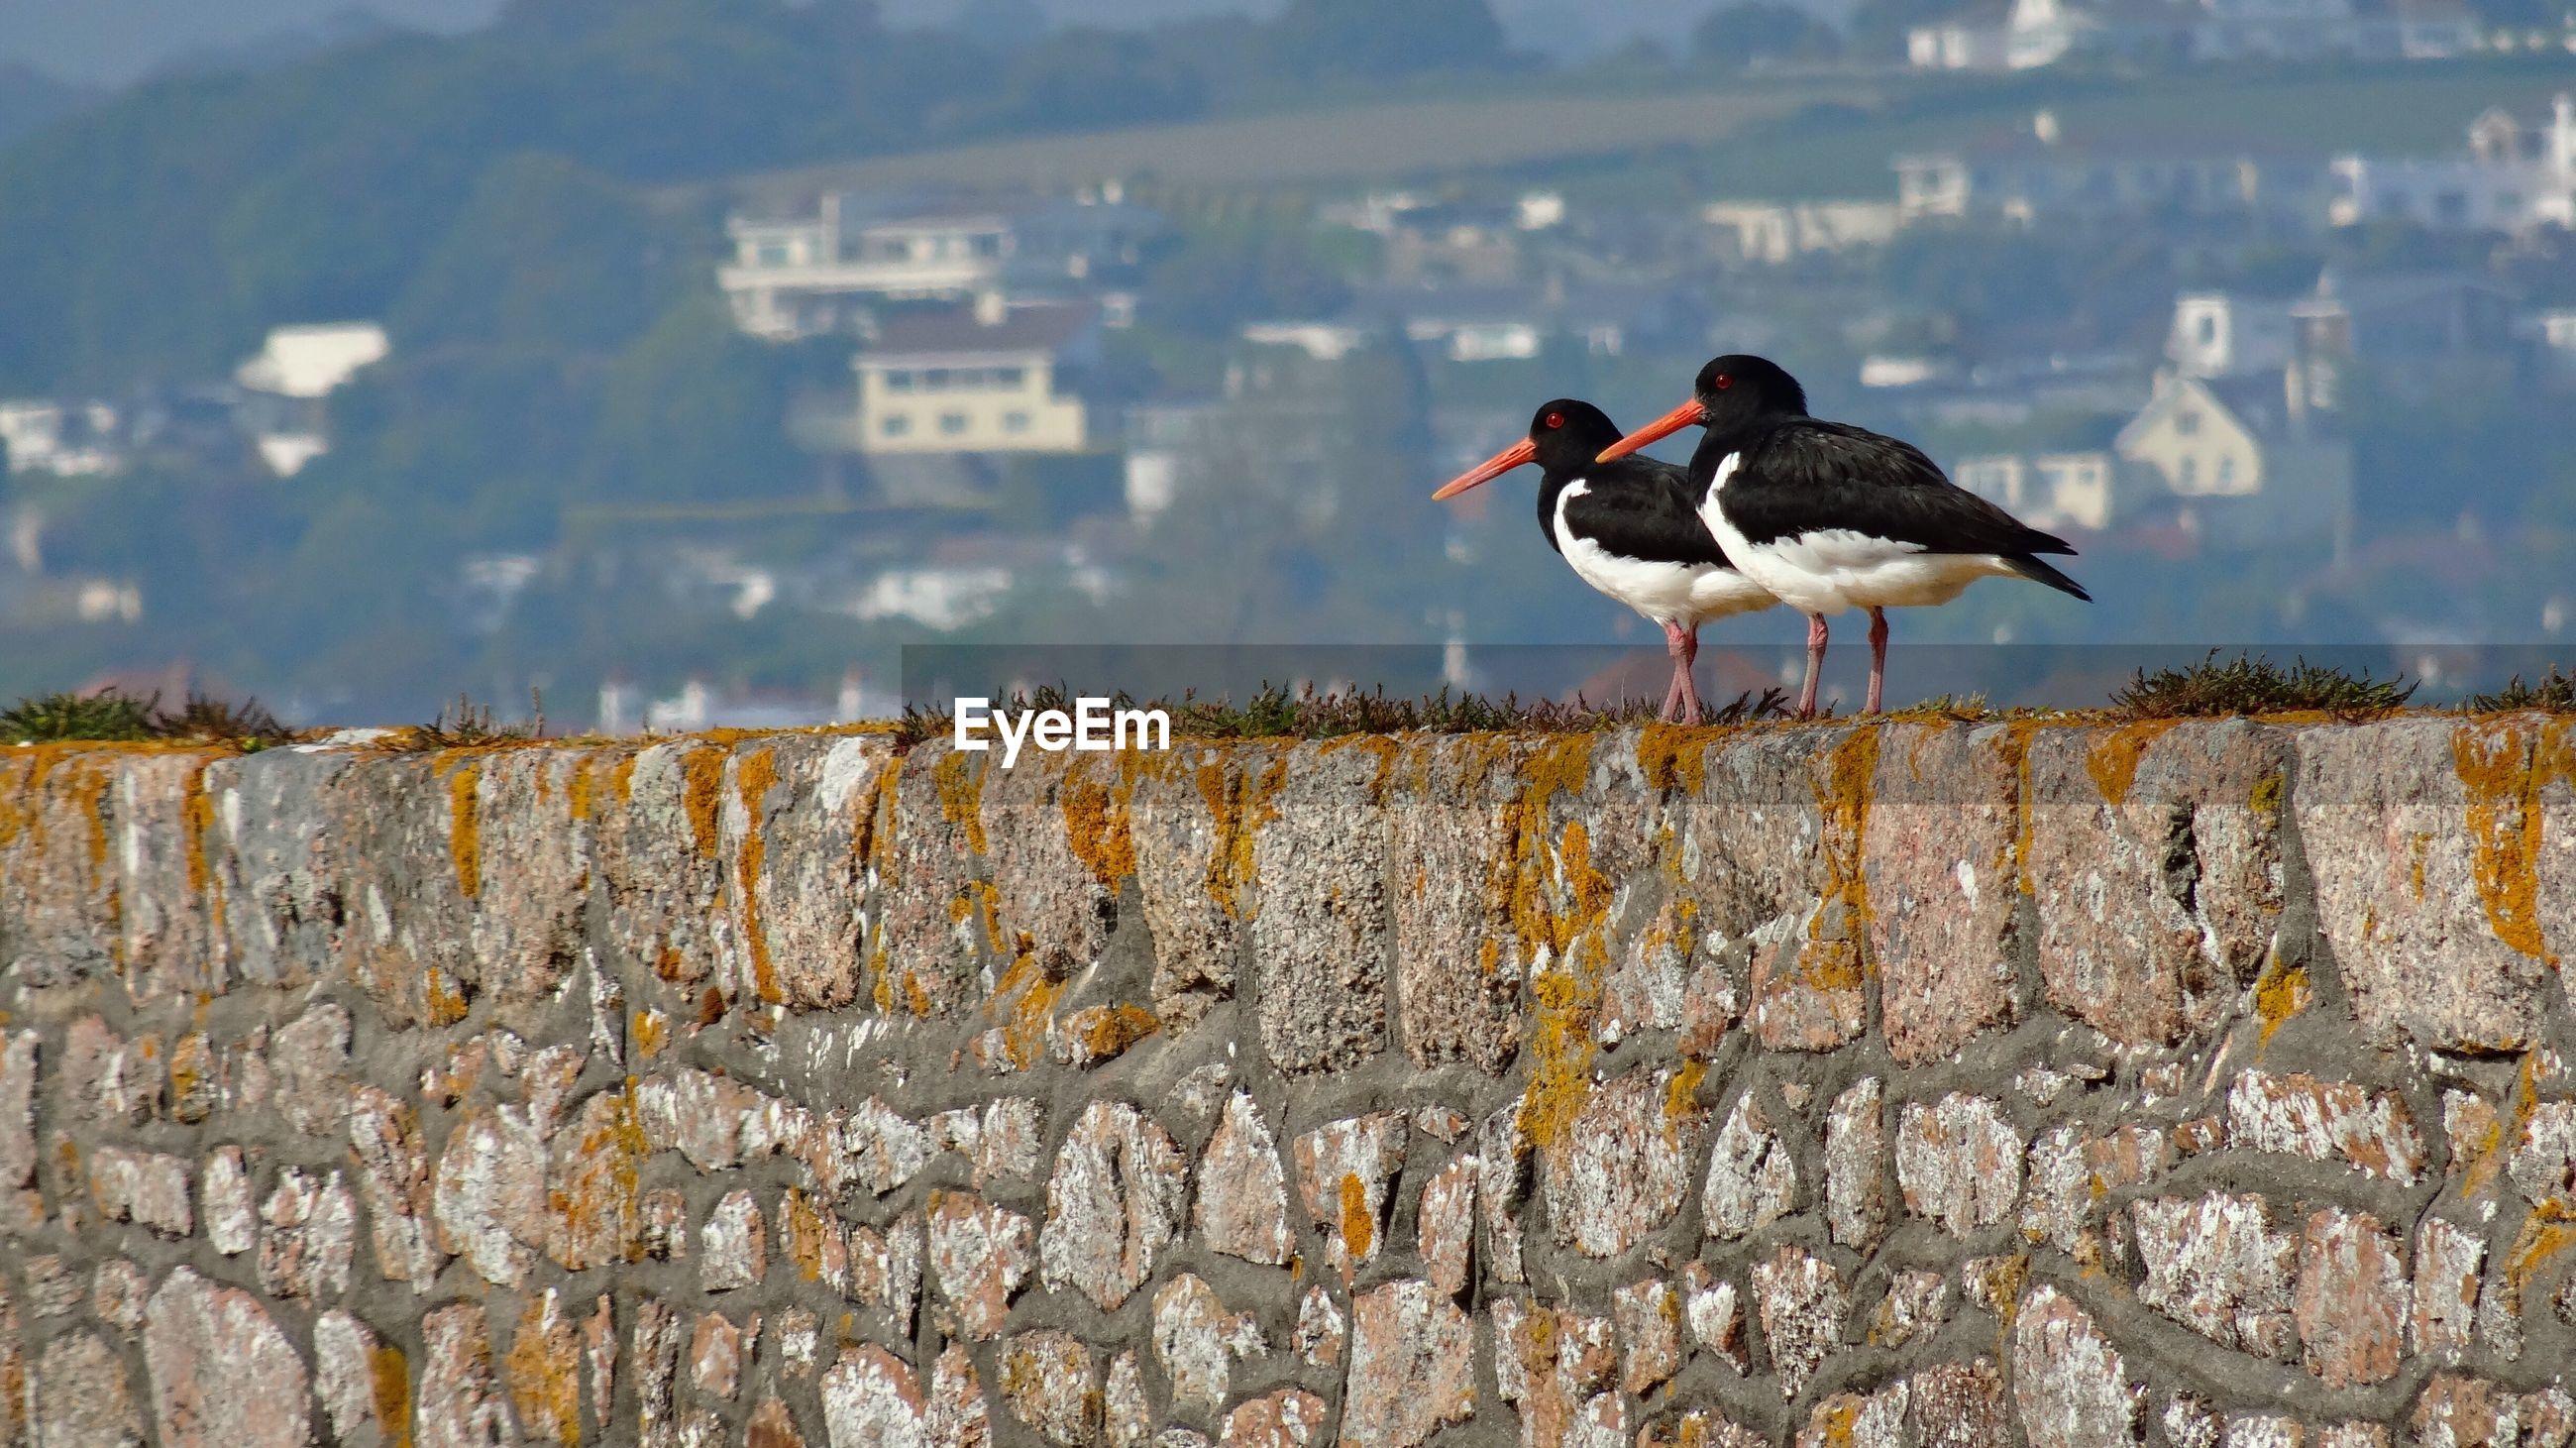 Oystercatchers on stone wall